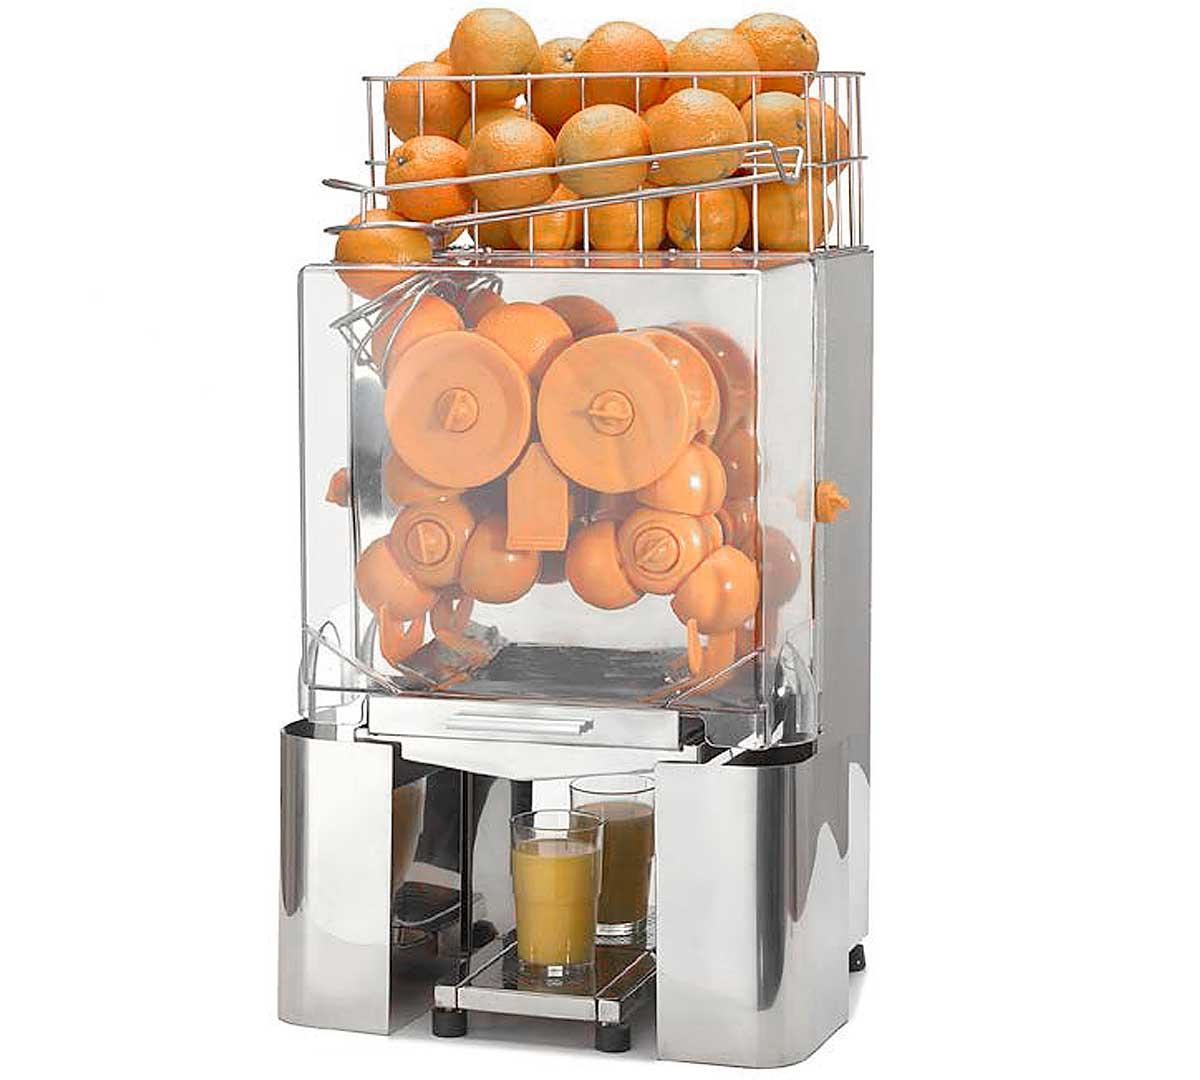 Resultado de imagen de maquinitas para hacer industrialmente zumo de naranja